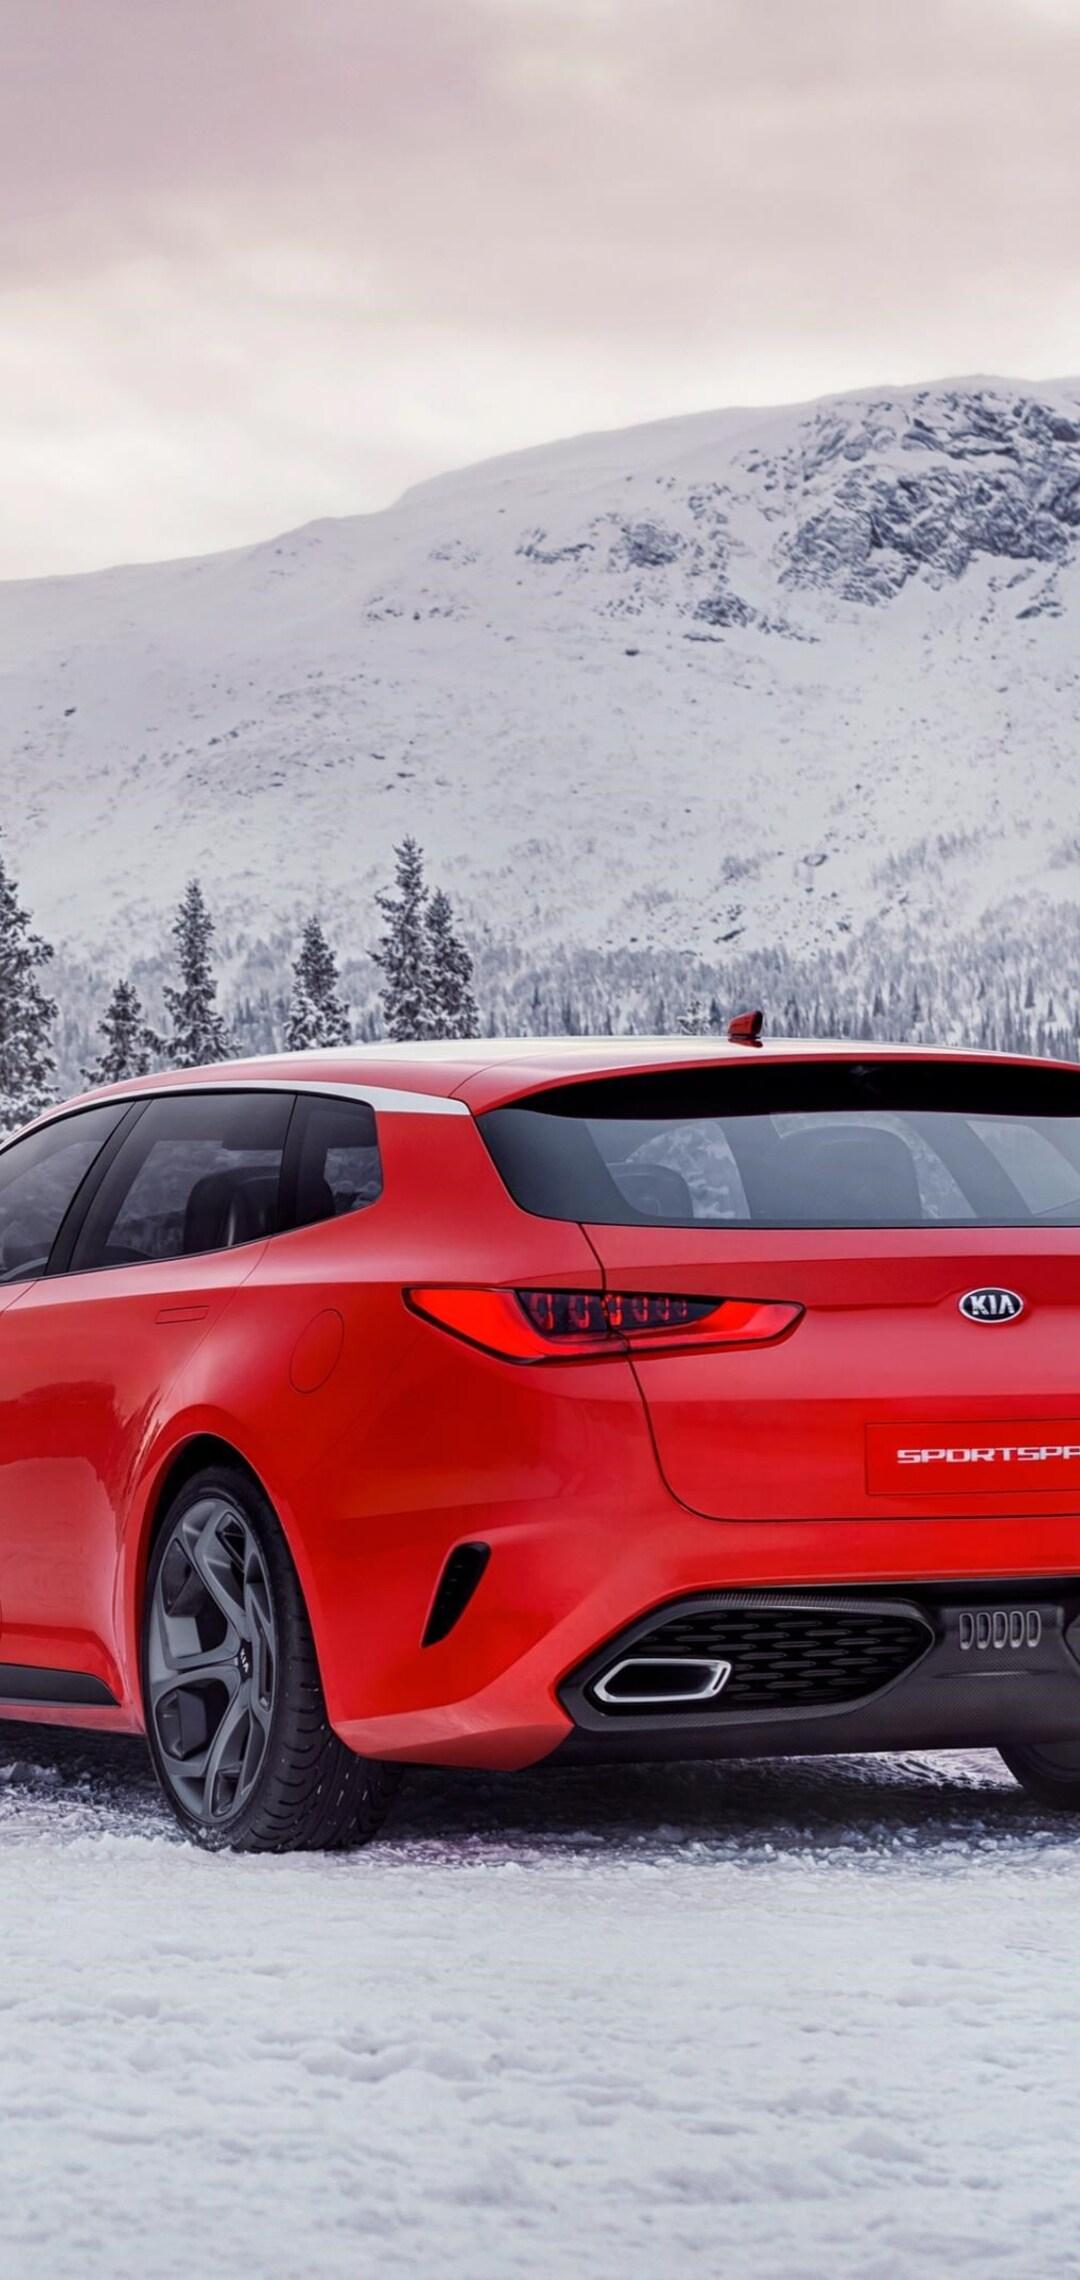 kia-concept-cars.jpg